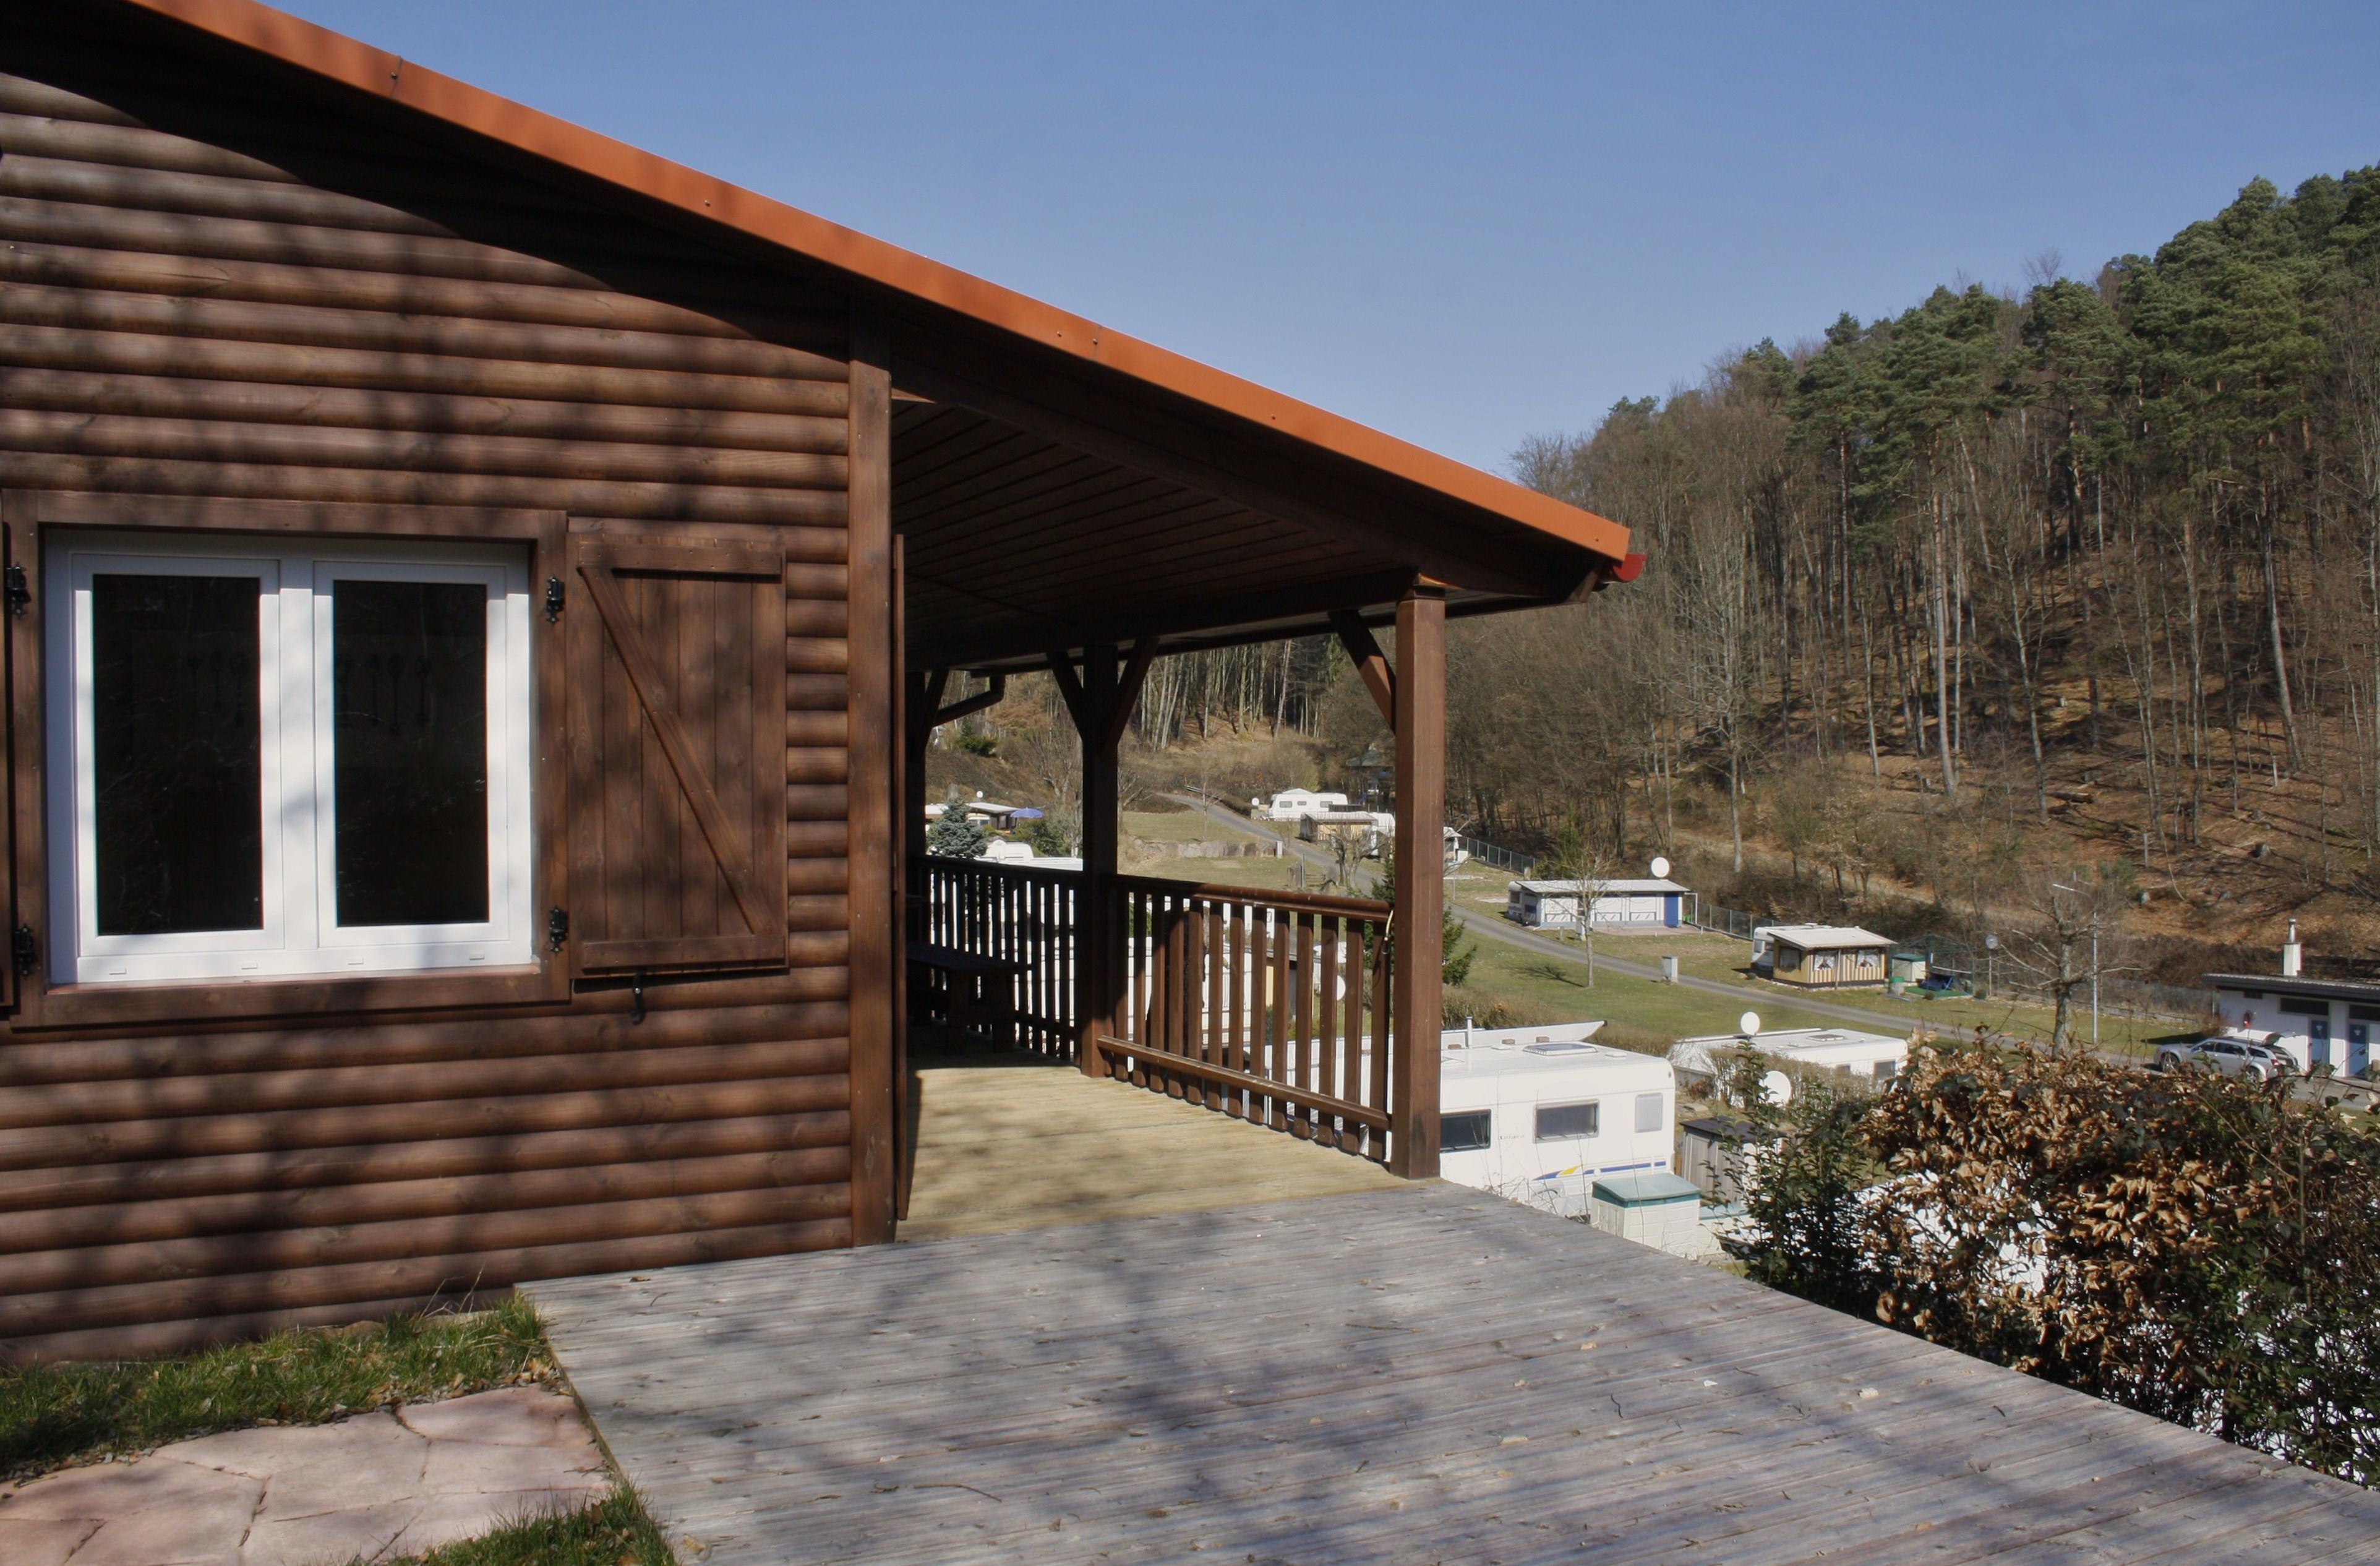 Camping-Freizeitzentrum Sägmühle